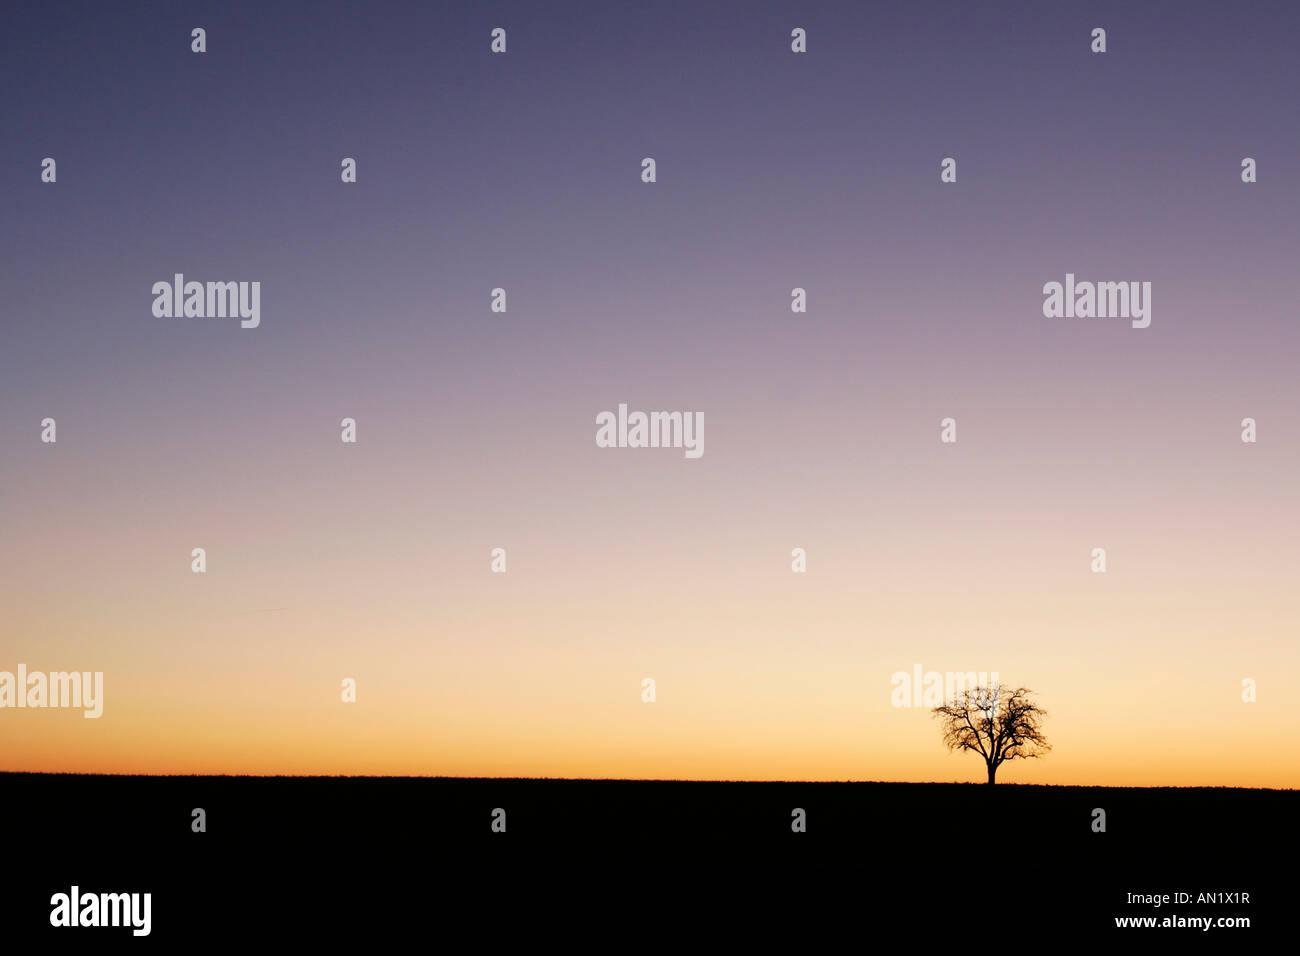 Baum im Sonnenaufgang Stock Photo